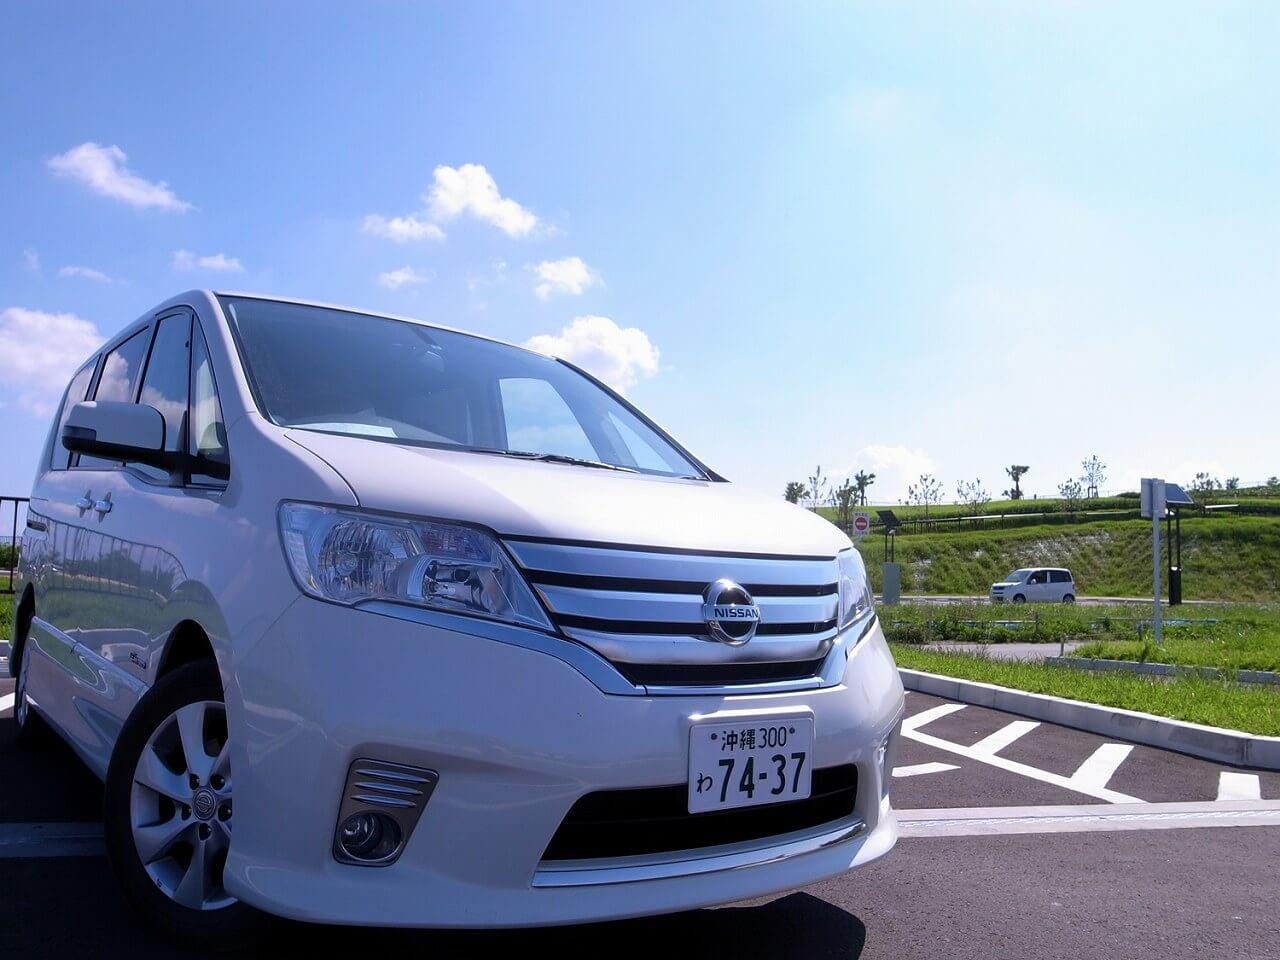 家族で沖縄旅行に行くならオススメしたいドライブコース